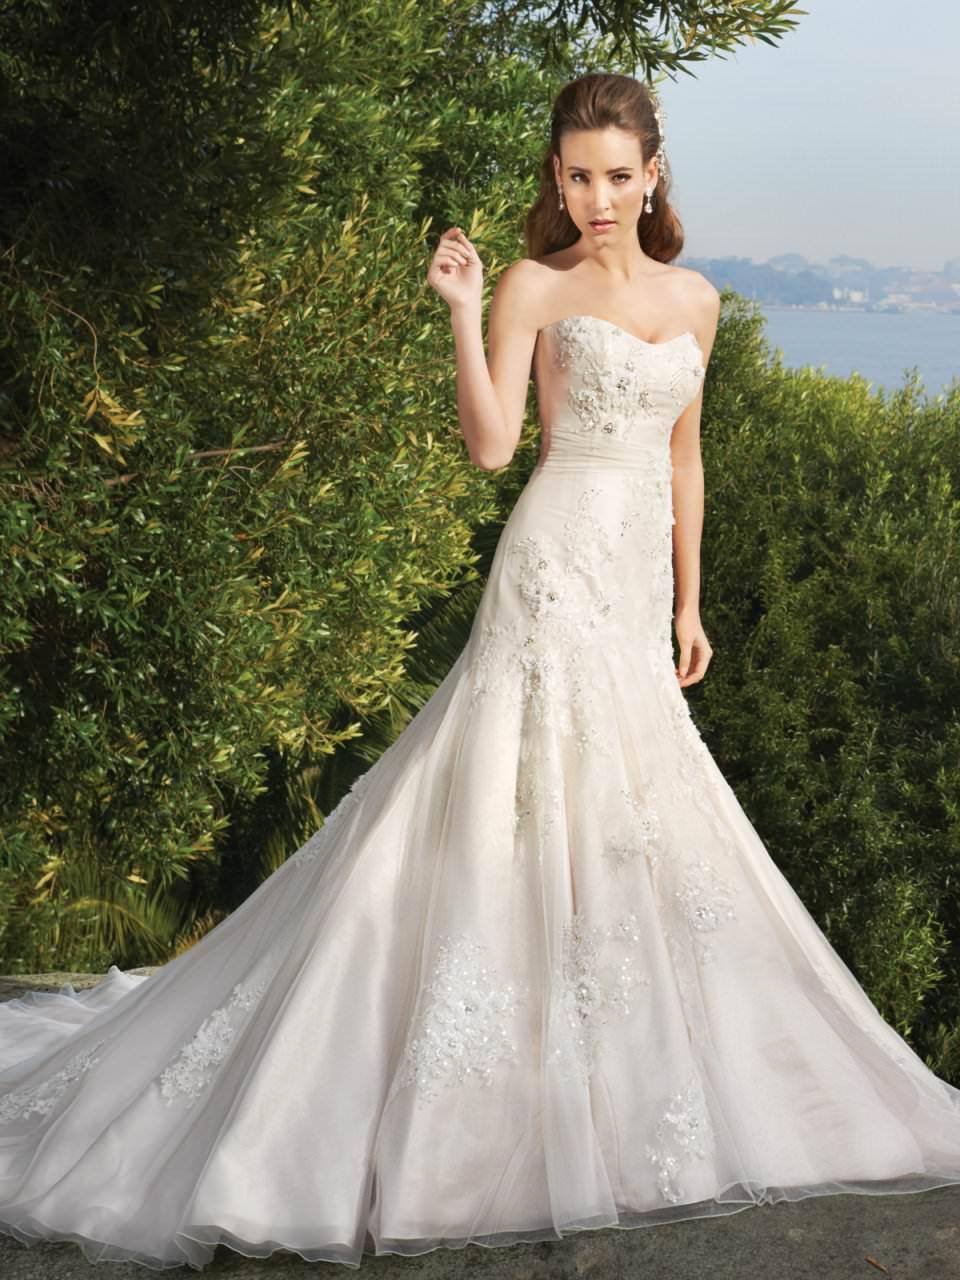 Готовимся к свадьбе – выбираем платье Image